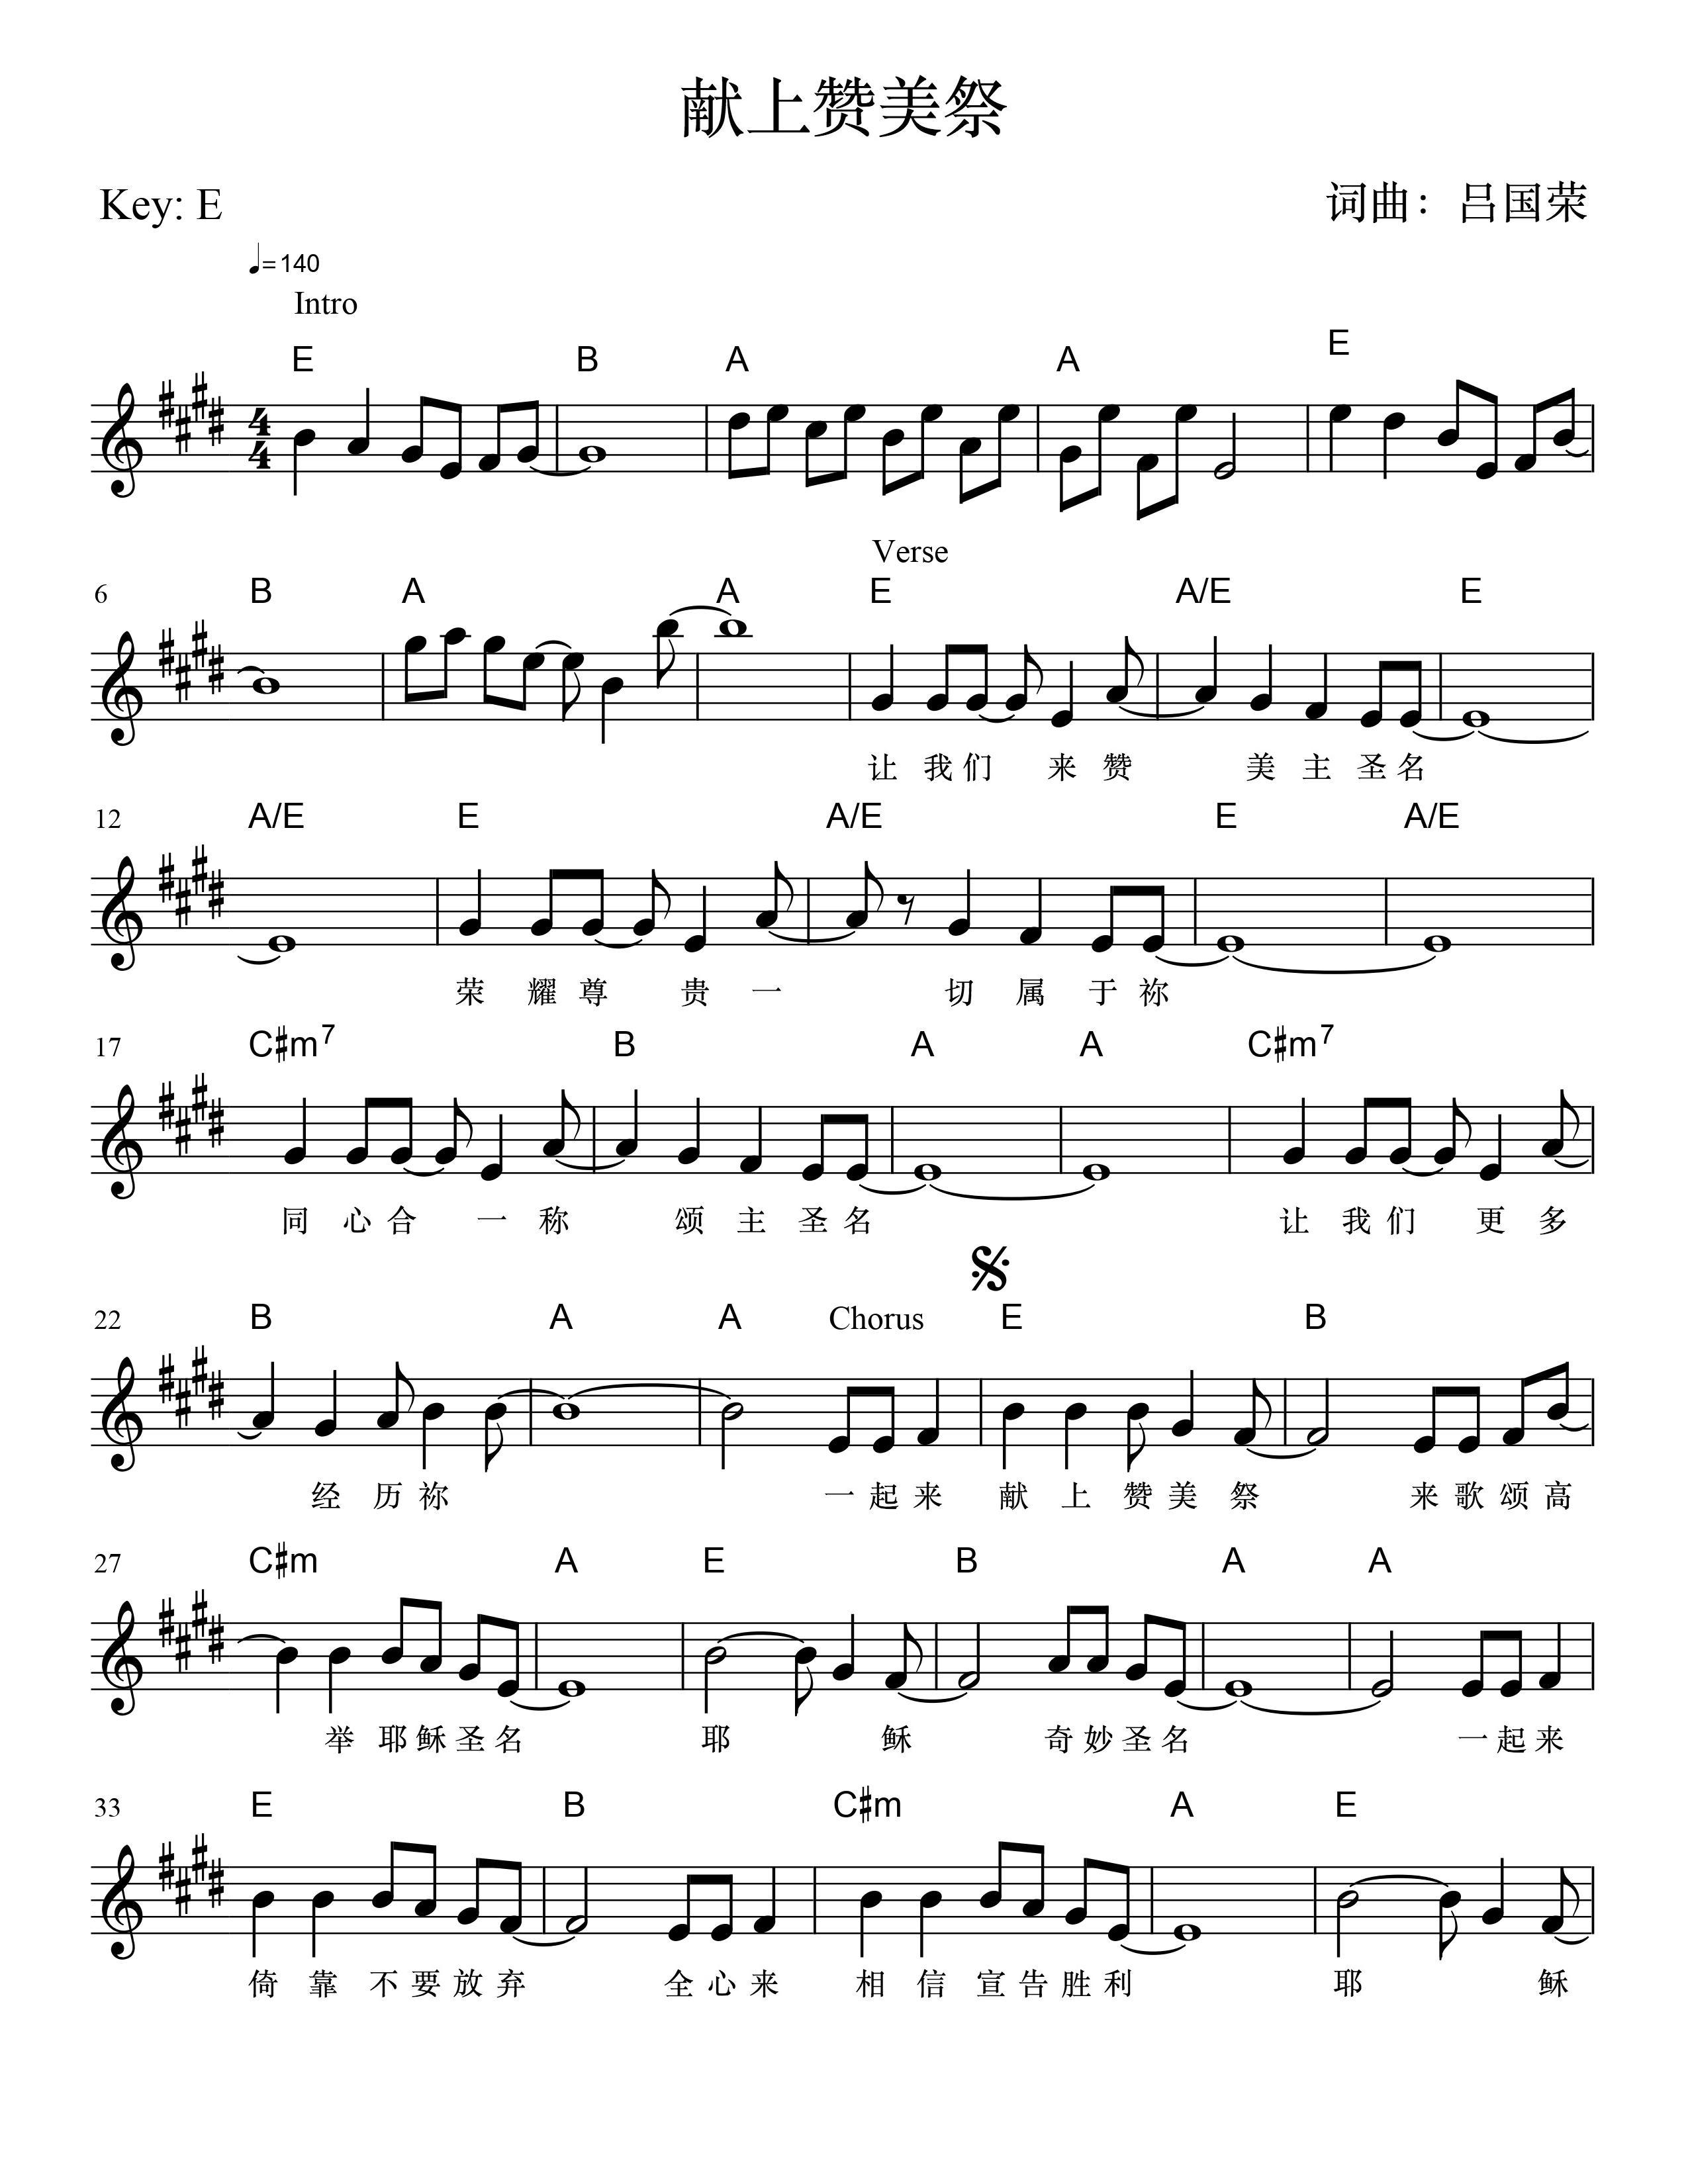 《献上赞美祭 官方和弦五线谱》